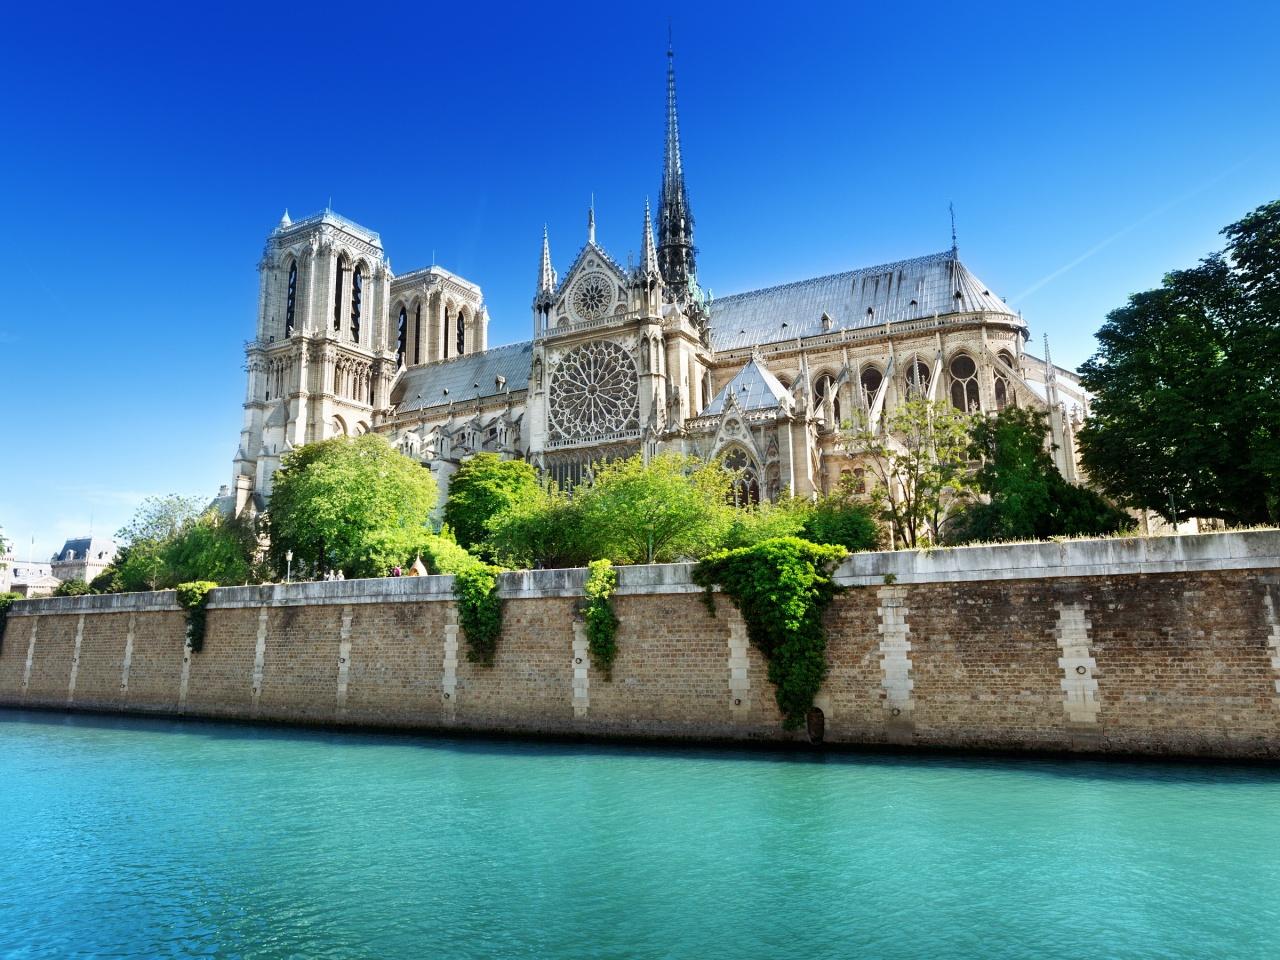 catedral-de-notre-dame-paris